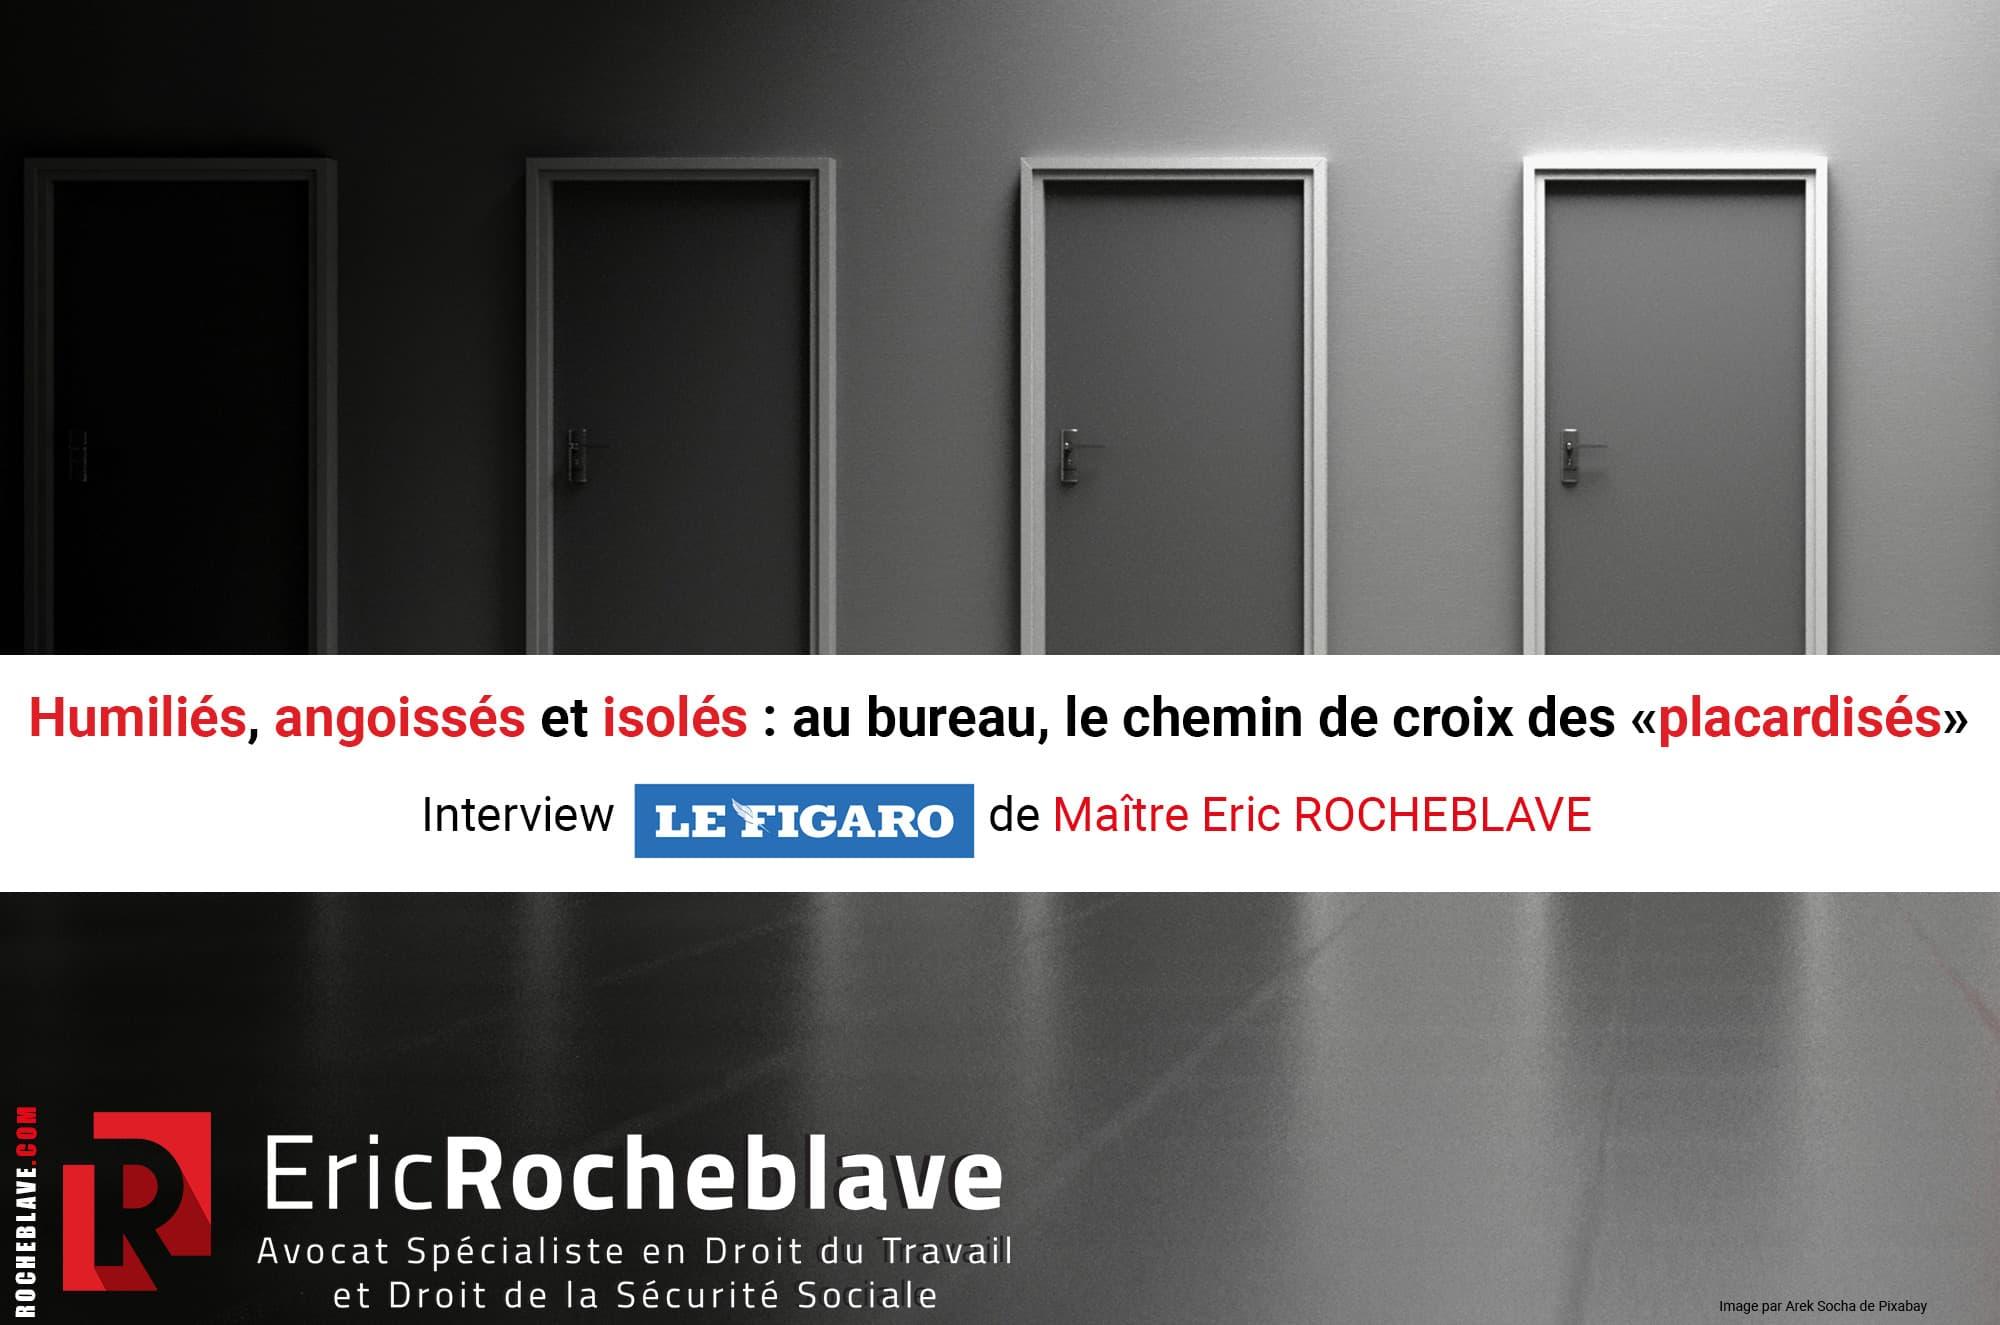 Humiliés, angoissés et isolés : au bureau, le chemin de croix des «placardisés» Interview Le Figaro de Maître Eric ROCHEBLAVE